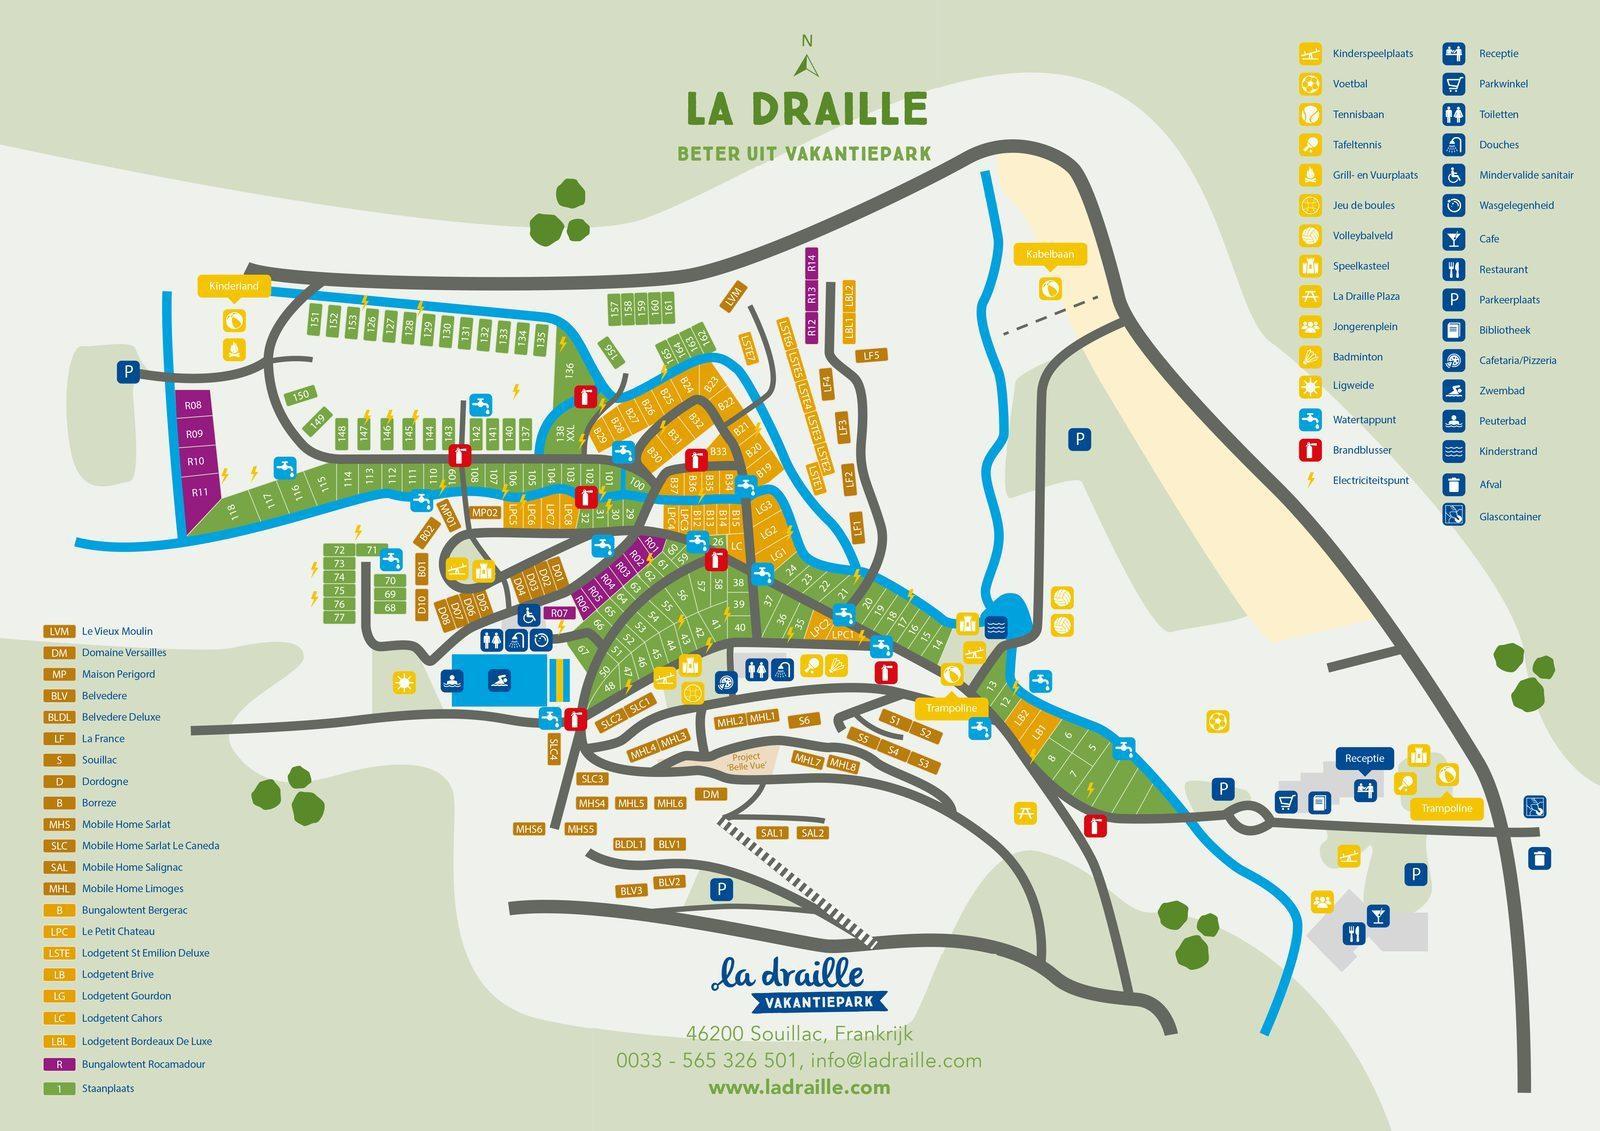 Plattegrond Beter Uit vakantiepark La Draille